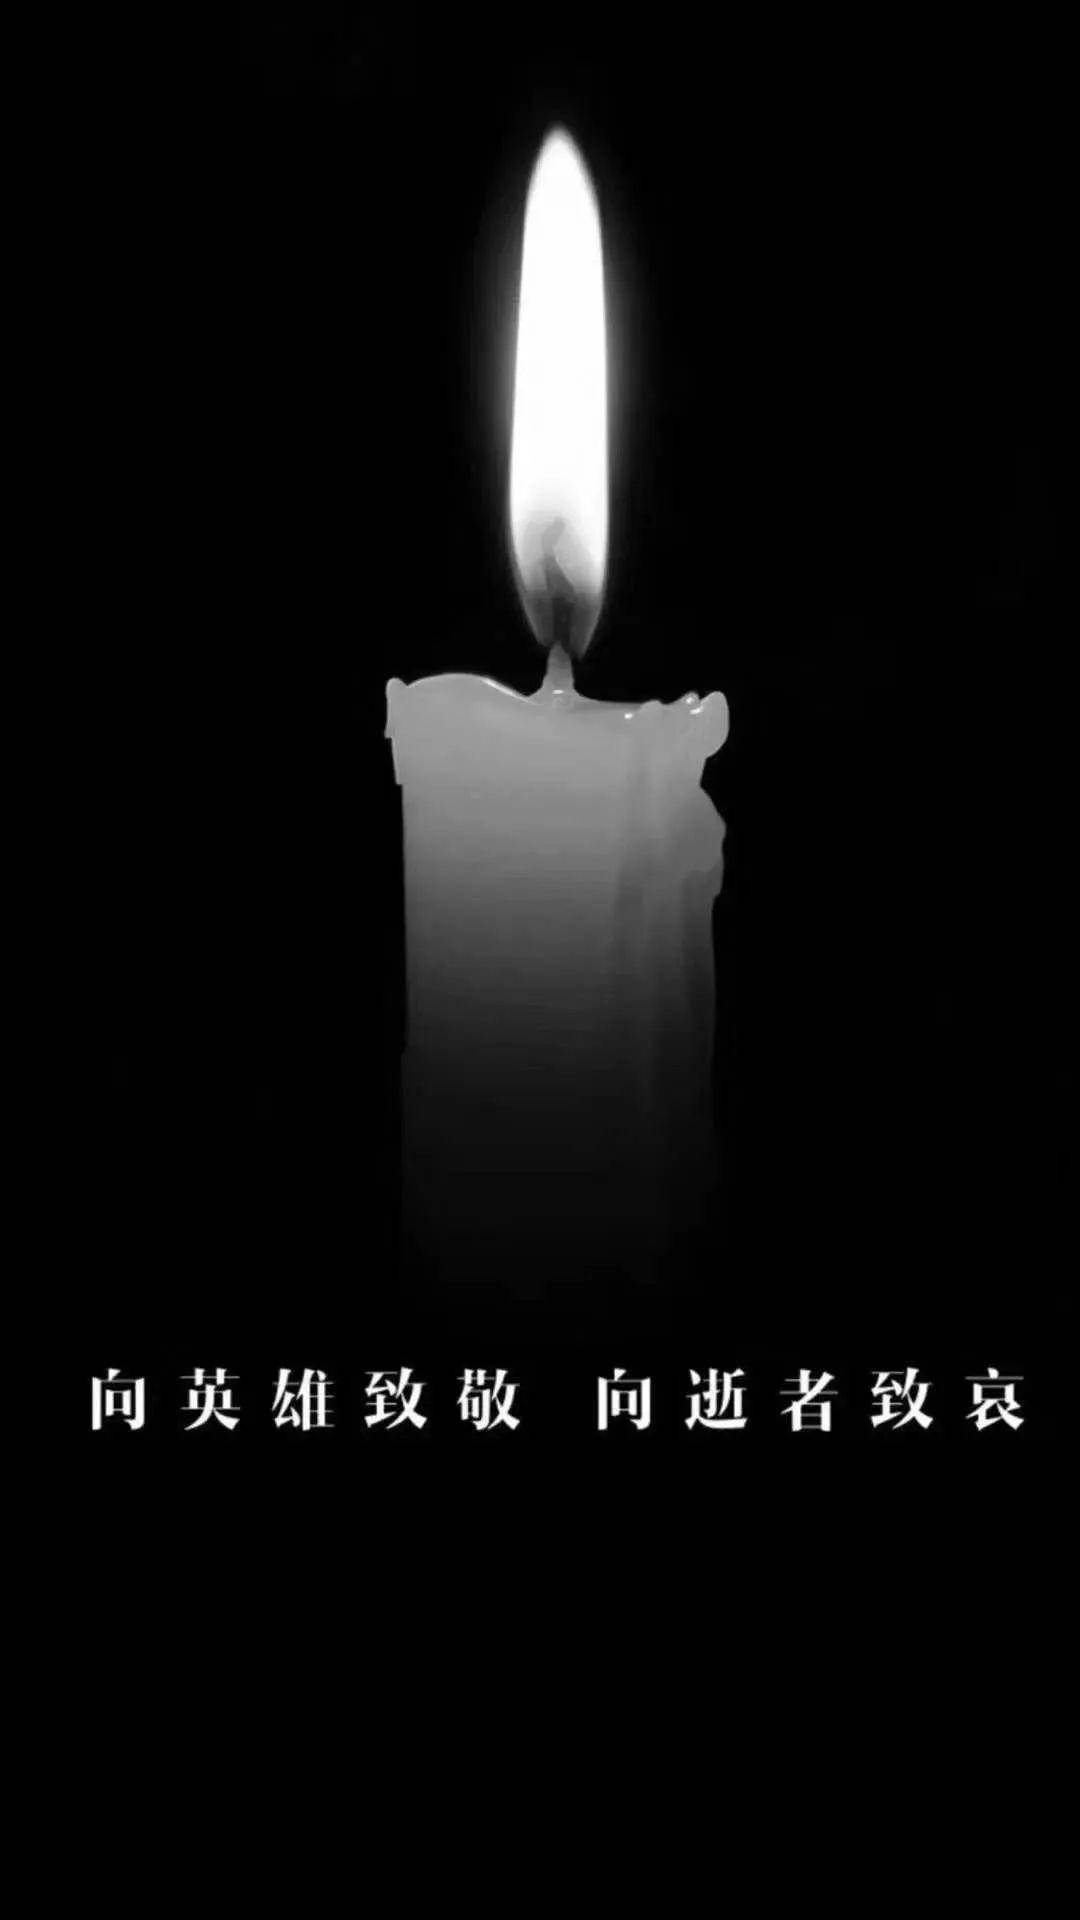 4月4日 全国哀悼 悼念英雄,逝者安息,生者奋发,家国平安